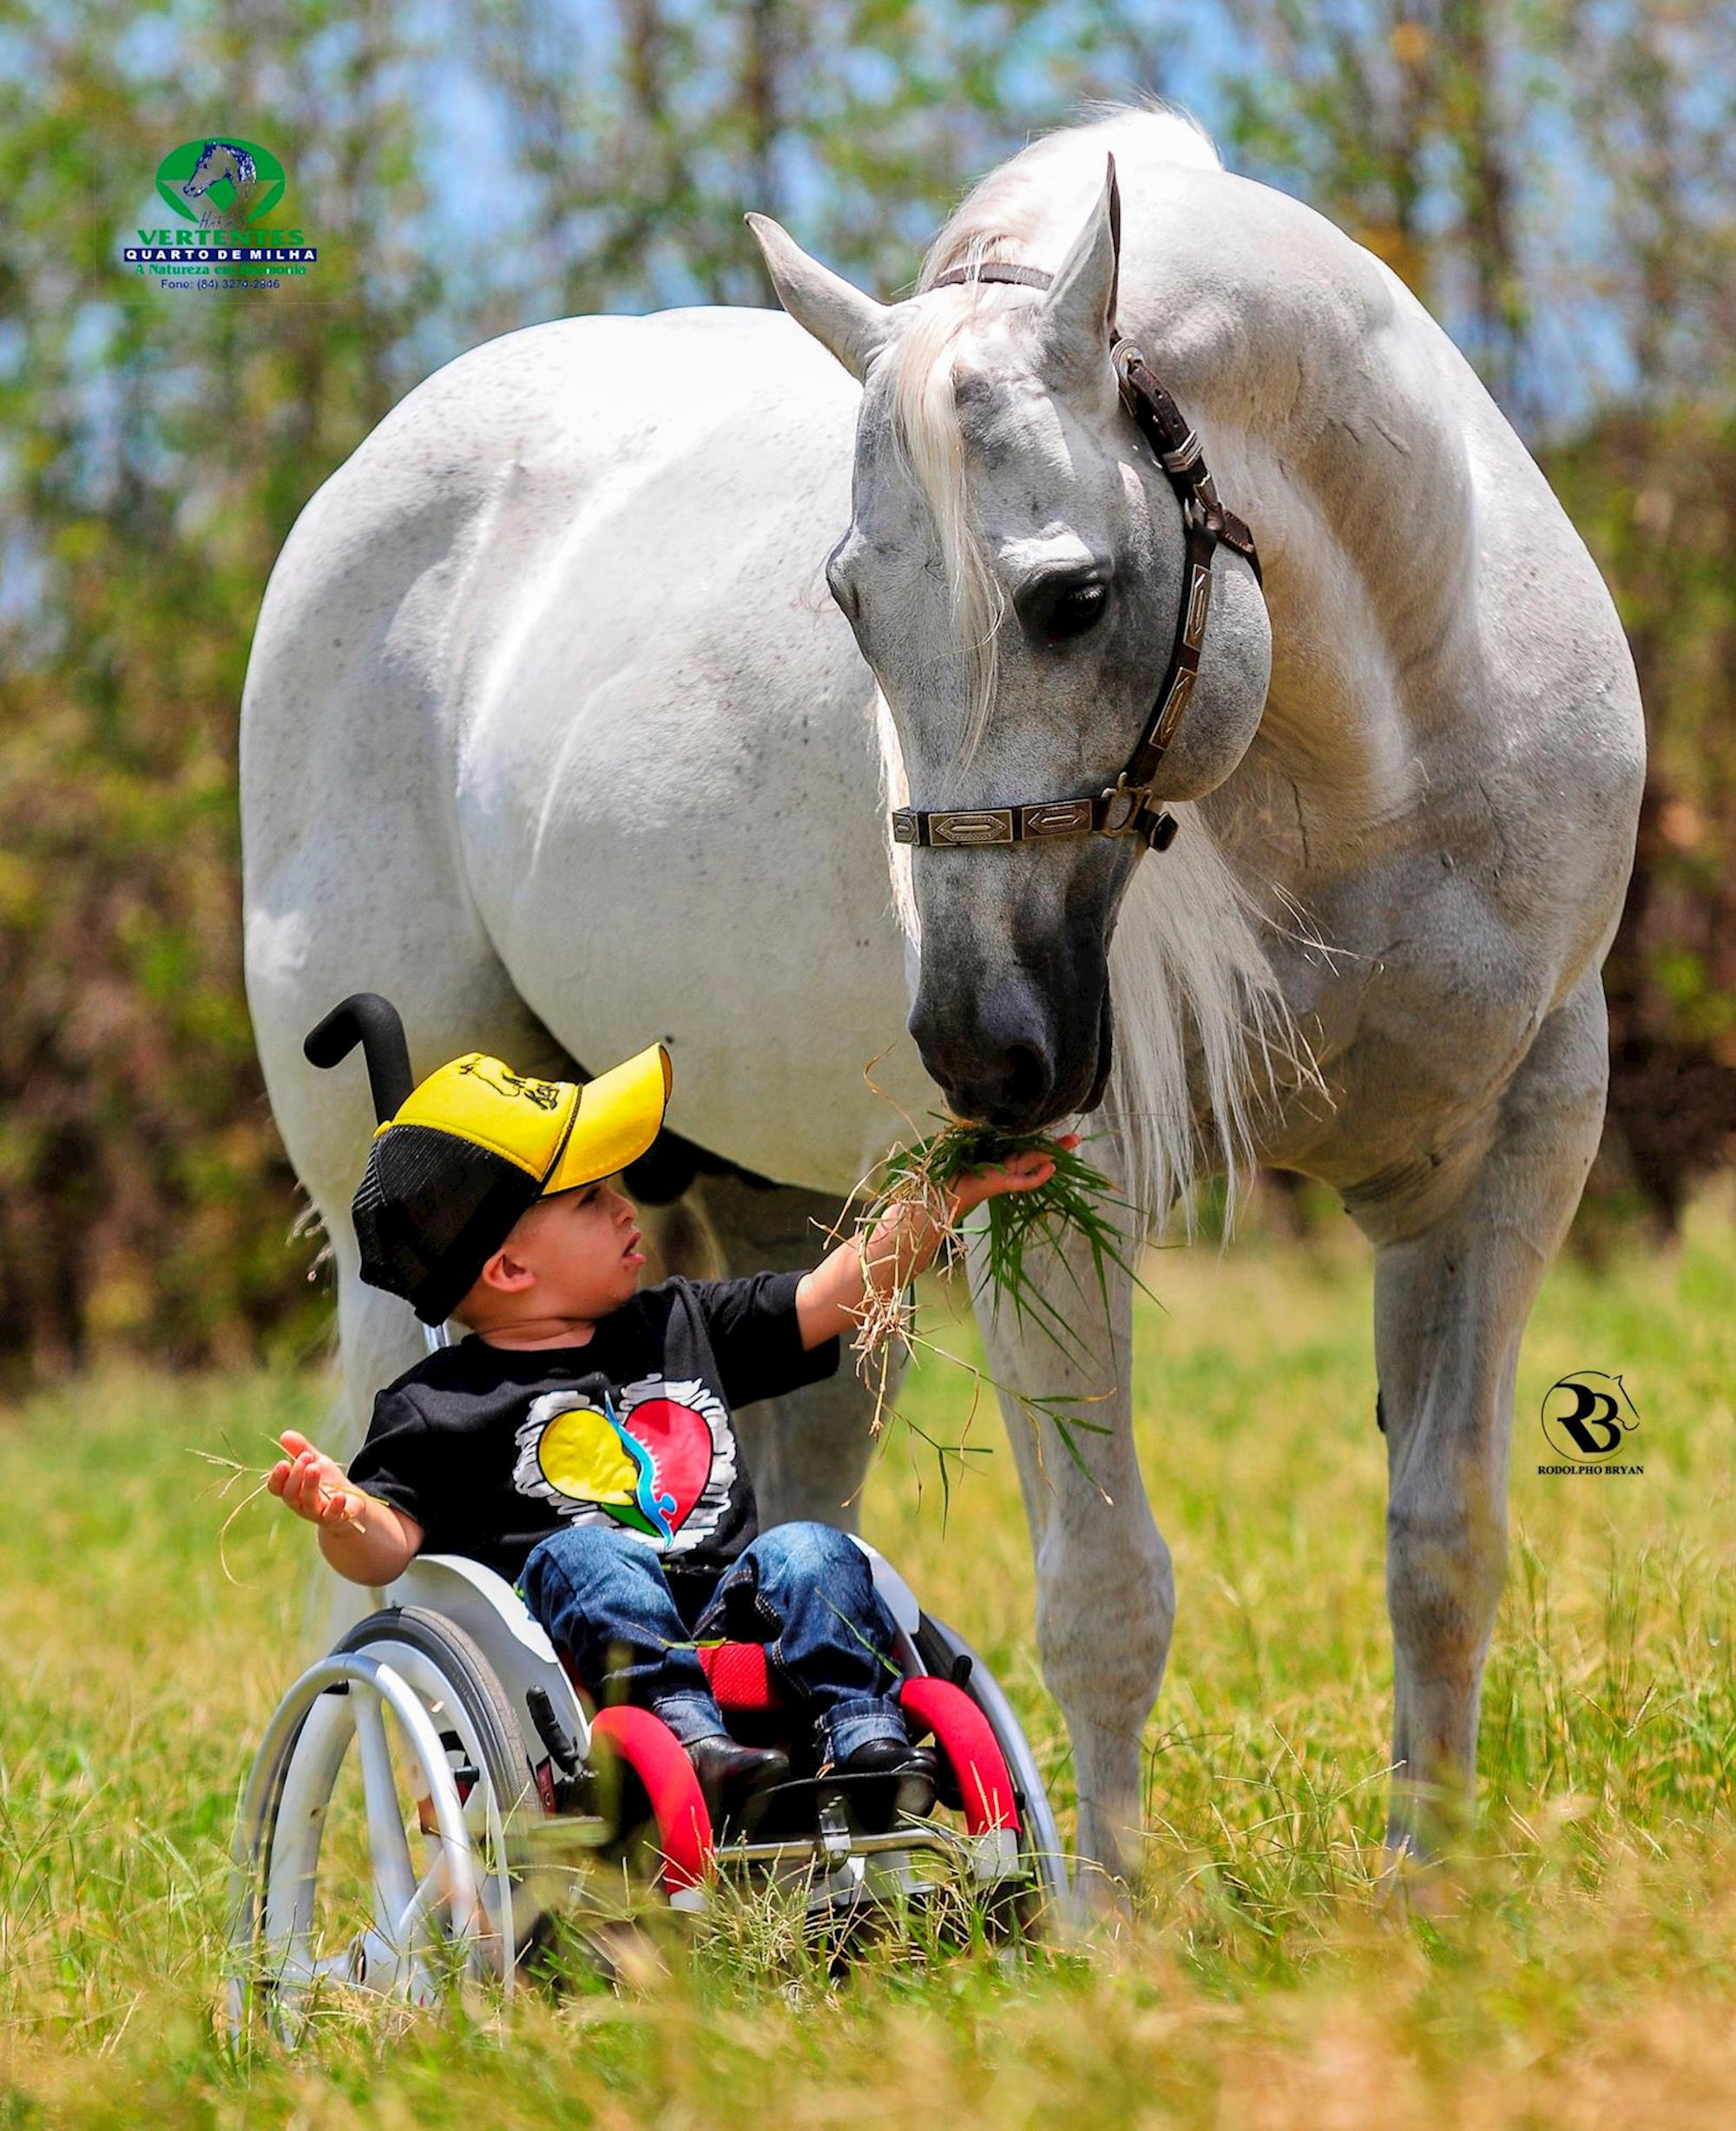 Revista Horse, garanhão, Menino, Quarto de Milha, fotos artísticas de cavalo,